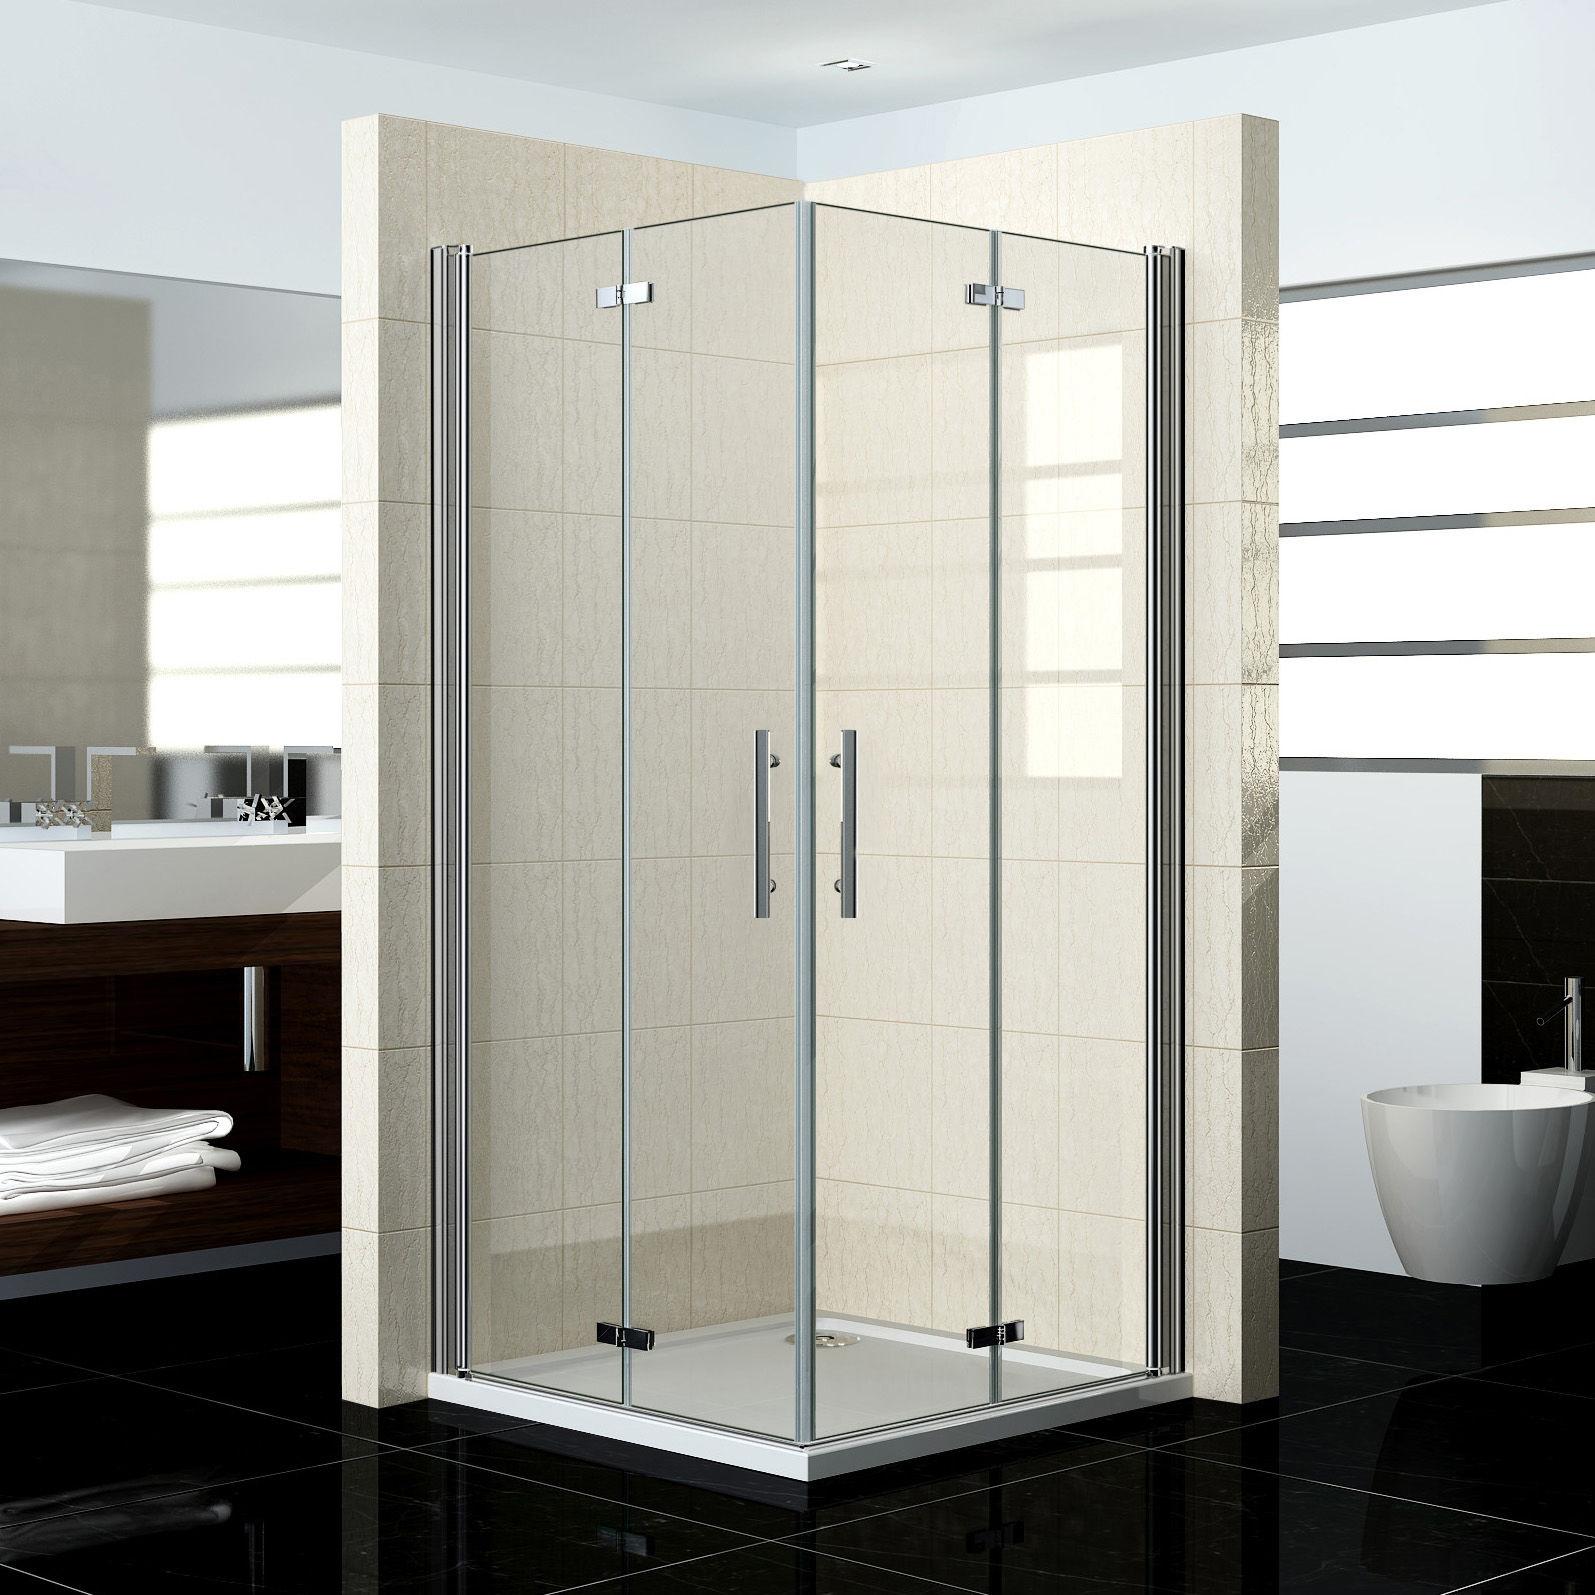 90x76 cm - aica sanitär gmbh - duschkabine duschabtrennung - Dusche Klapptur